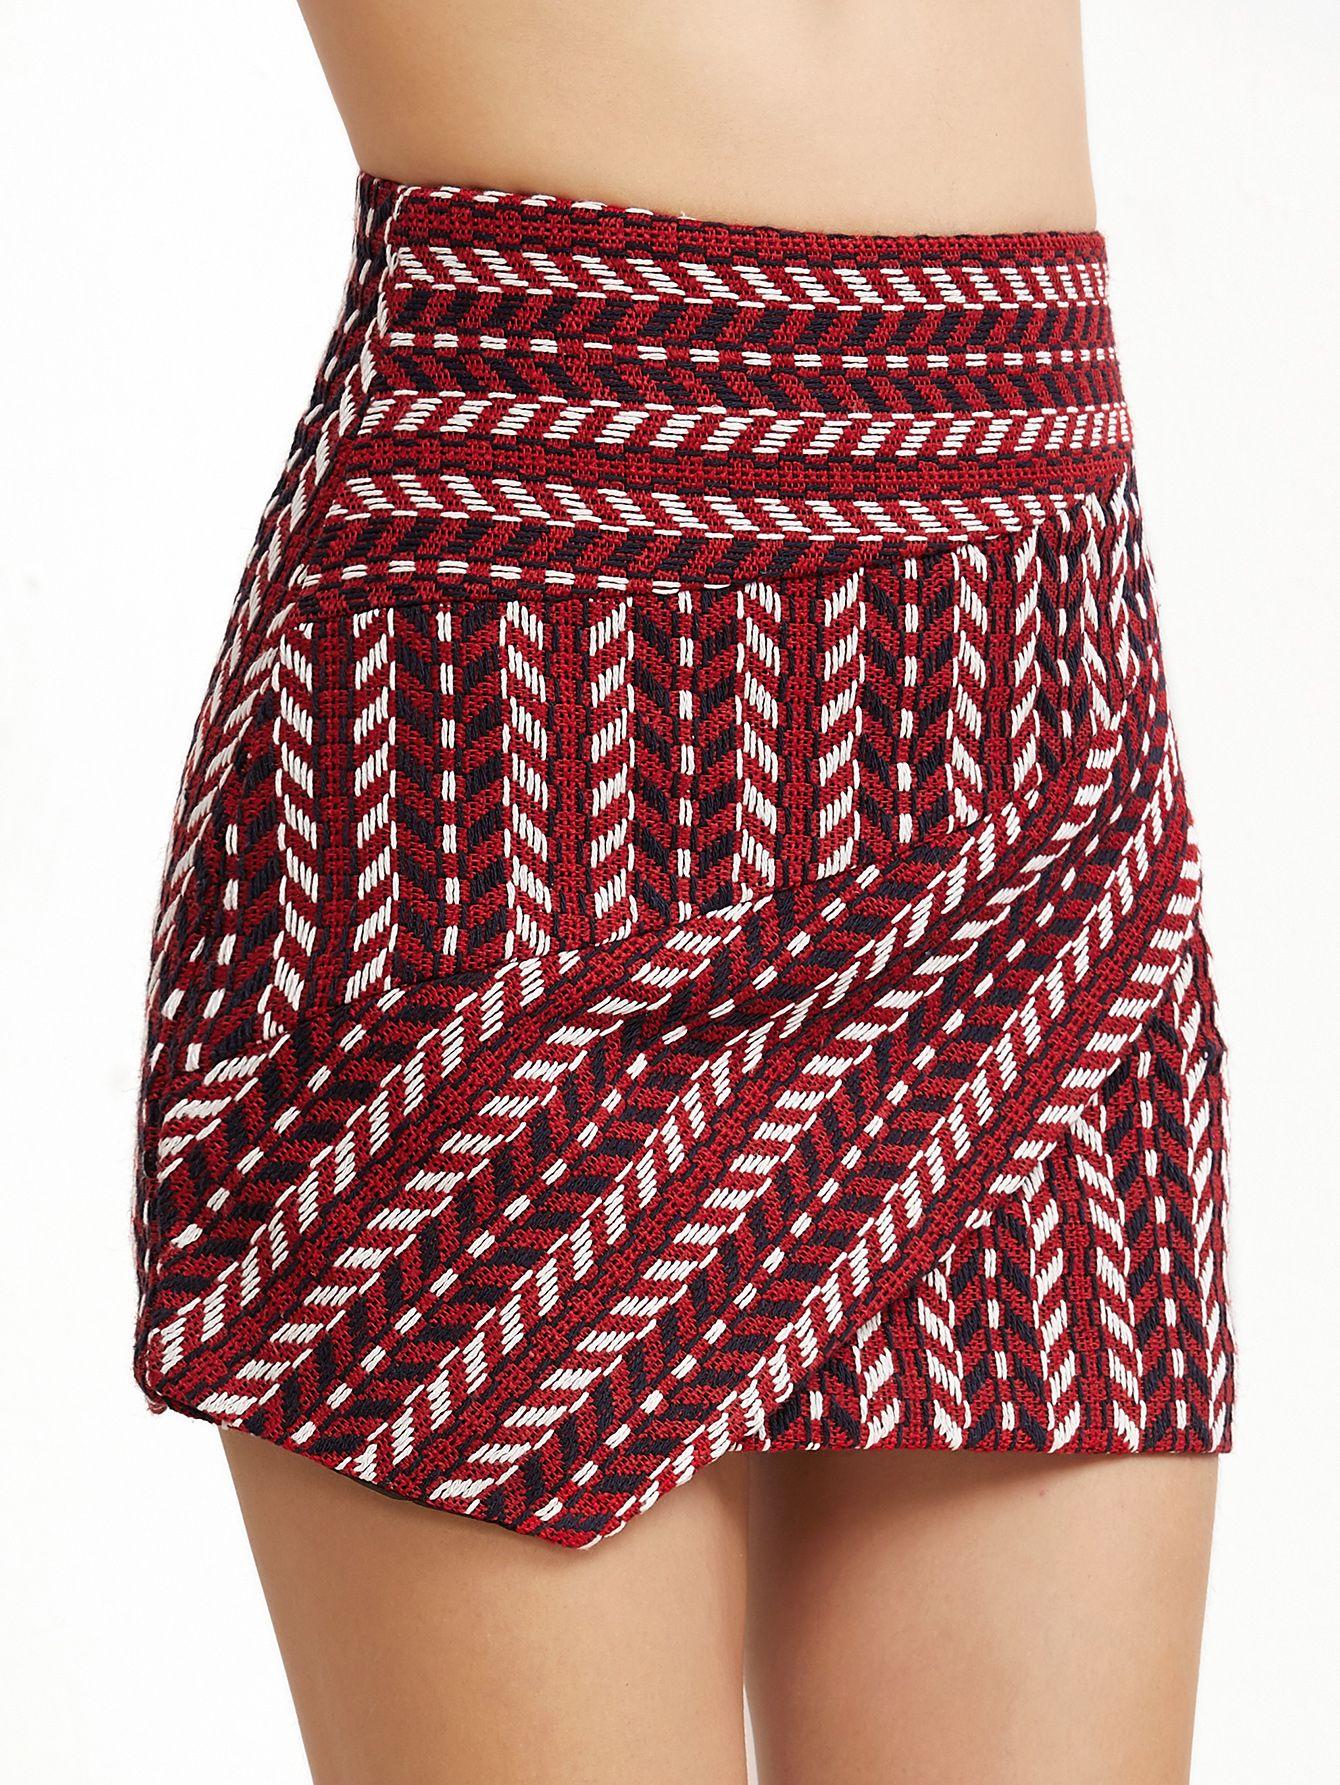 Shop Burgundy Crochet Zipper Back Asymmetric Skirt online